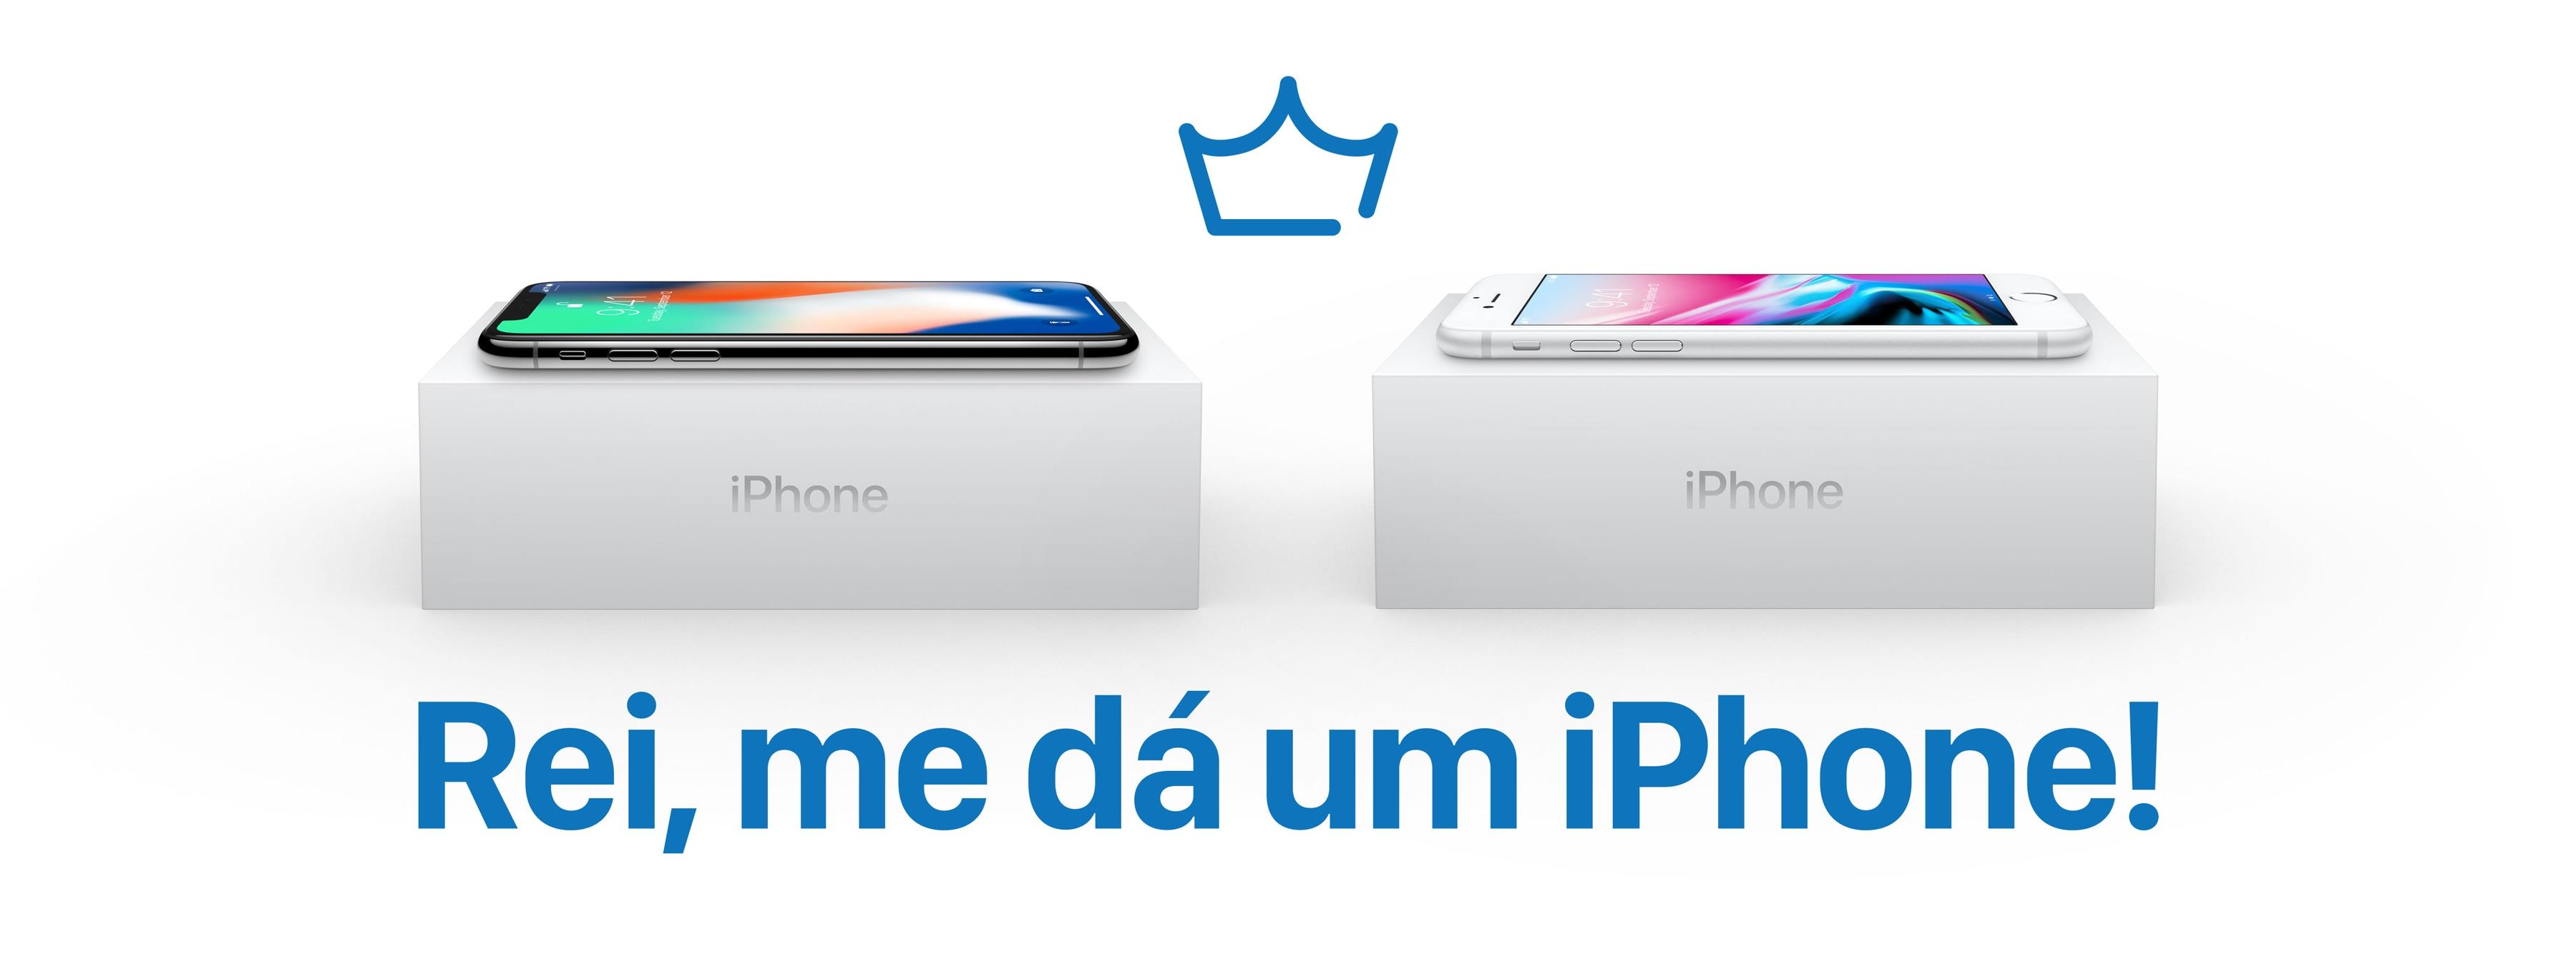 Promoção - Rei me dá um iPhone!